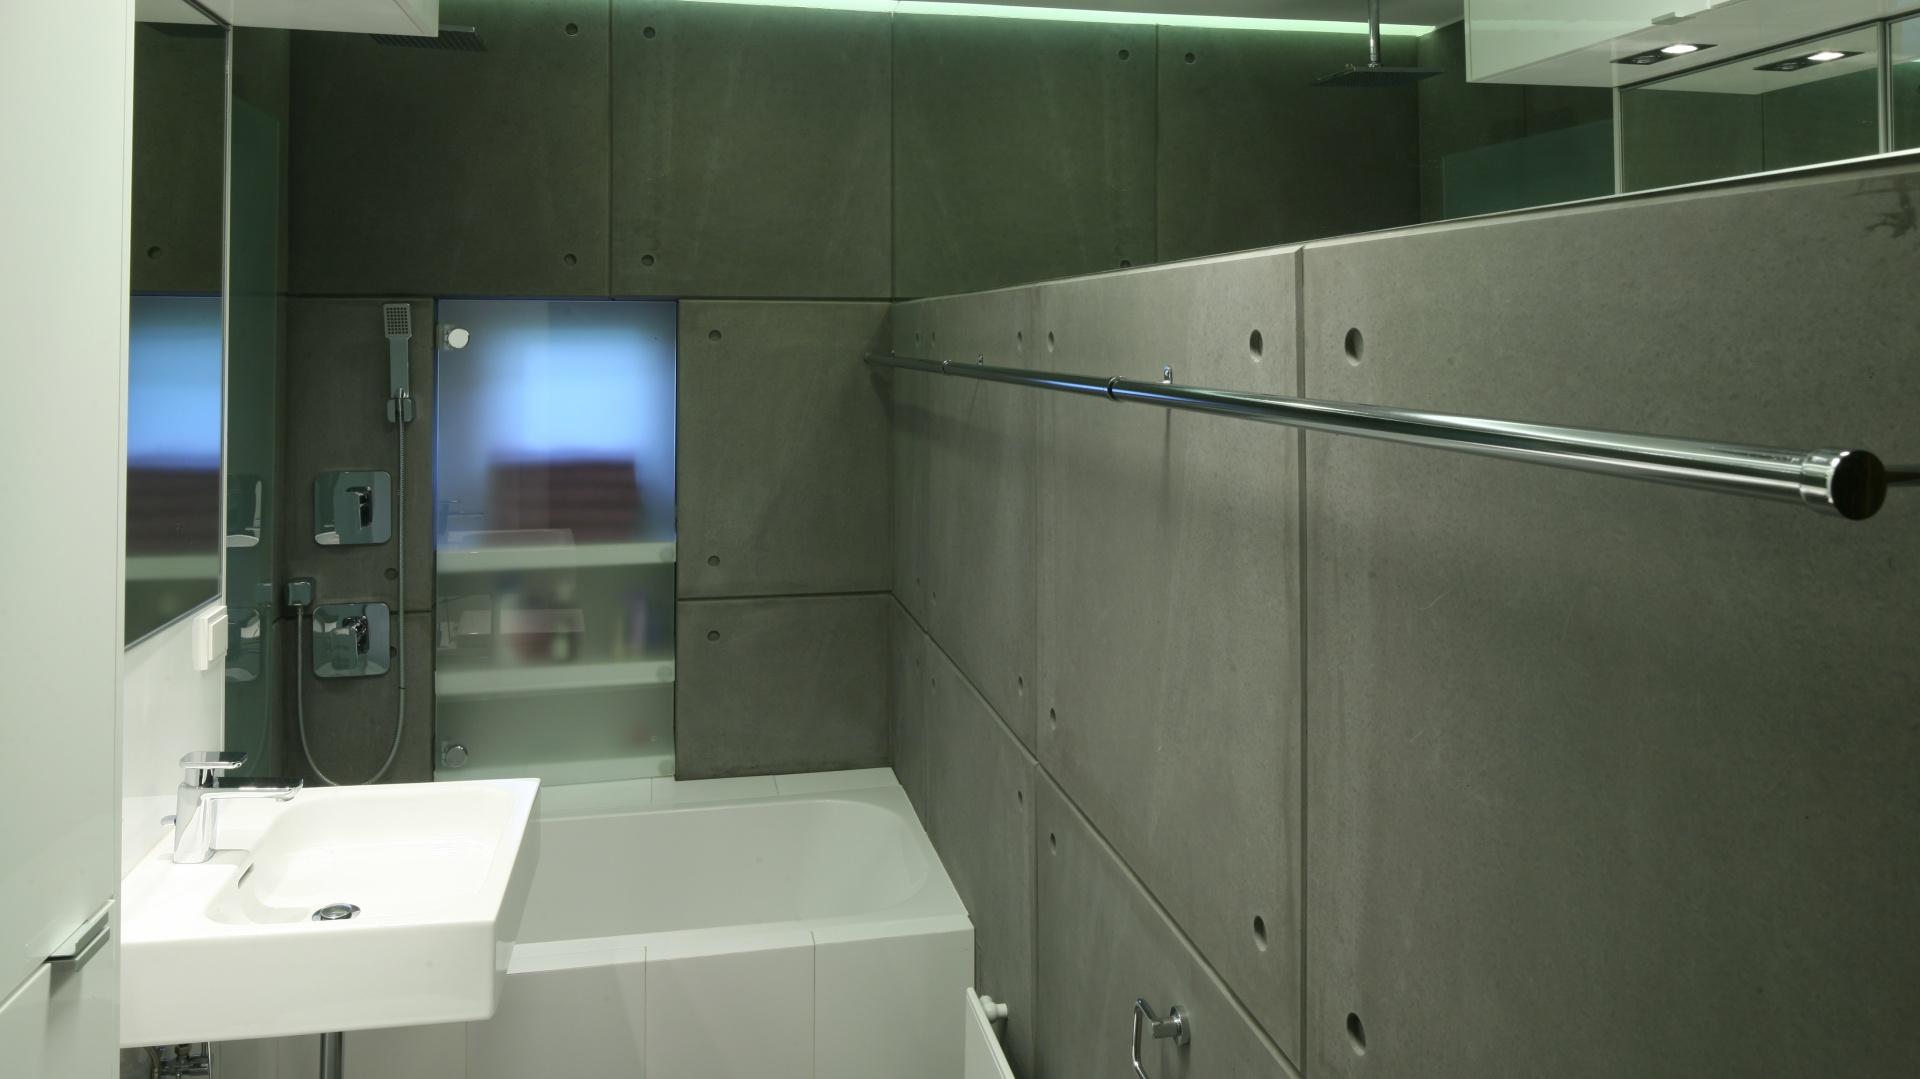 Główne skrzypce gra w tej łazience beton, którym wykończone są zarówno ściany,  jak i podłoga. To on nadaje wnętrzu surowy, minimalistyczny charakter. Szare betonowe płyty o gładkiej powierzchni stworzyły harmonijny zestaw z bielą, szklanymi taflami oraz elementami ze stali nierdzewnej. Projekt: Marcin Lewandowicz. Fot. Bartosz Jarosz.